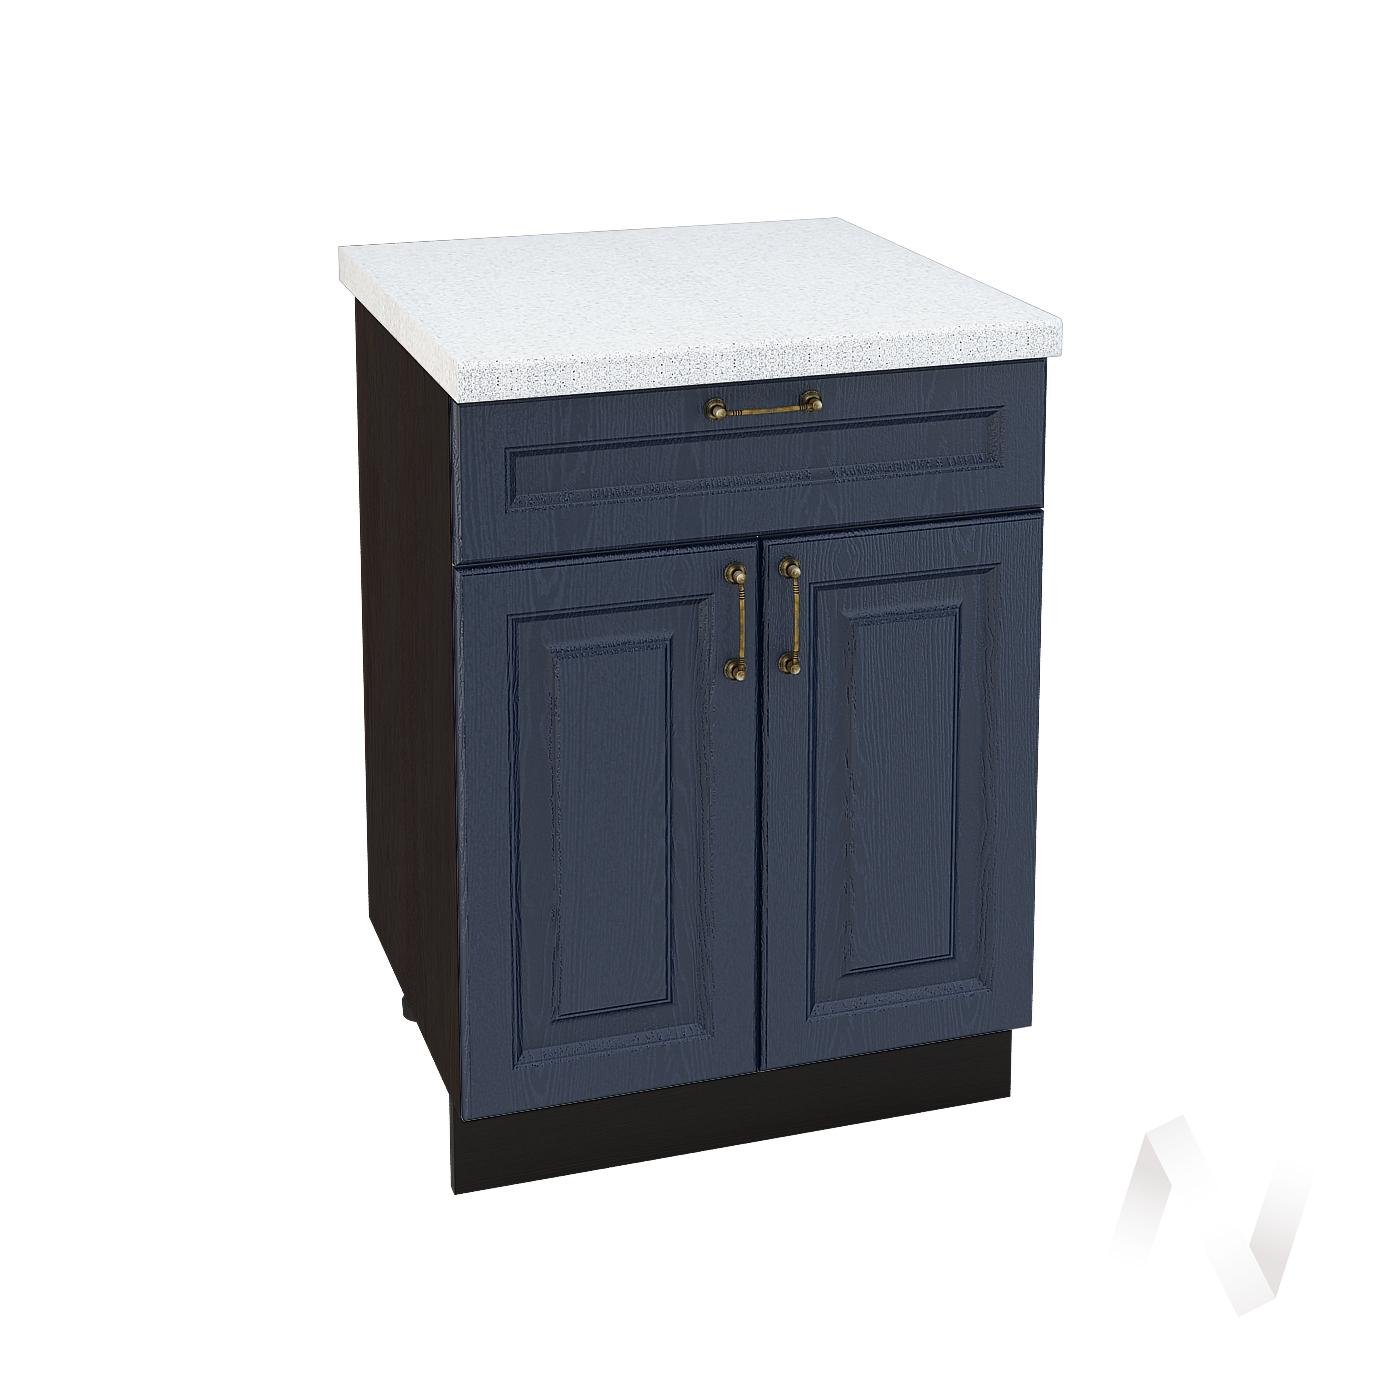 """Кухня """"Ницца"""": Шкаф нижний с ящиком 600, ШН1Я 600 М (Дуб чернильный/корпус венге)"""